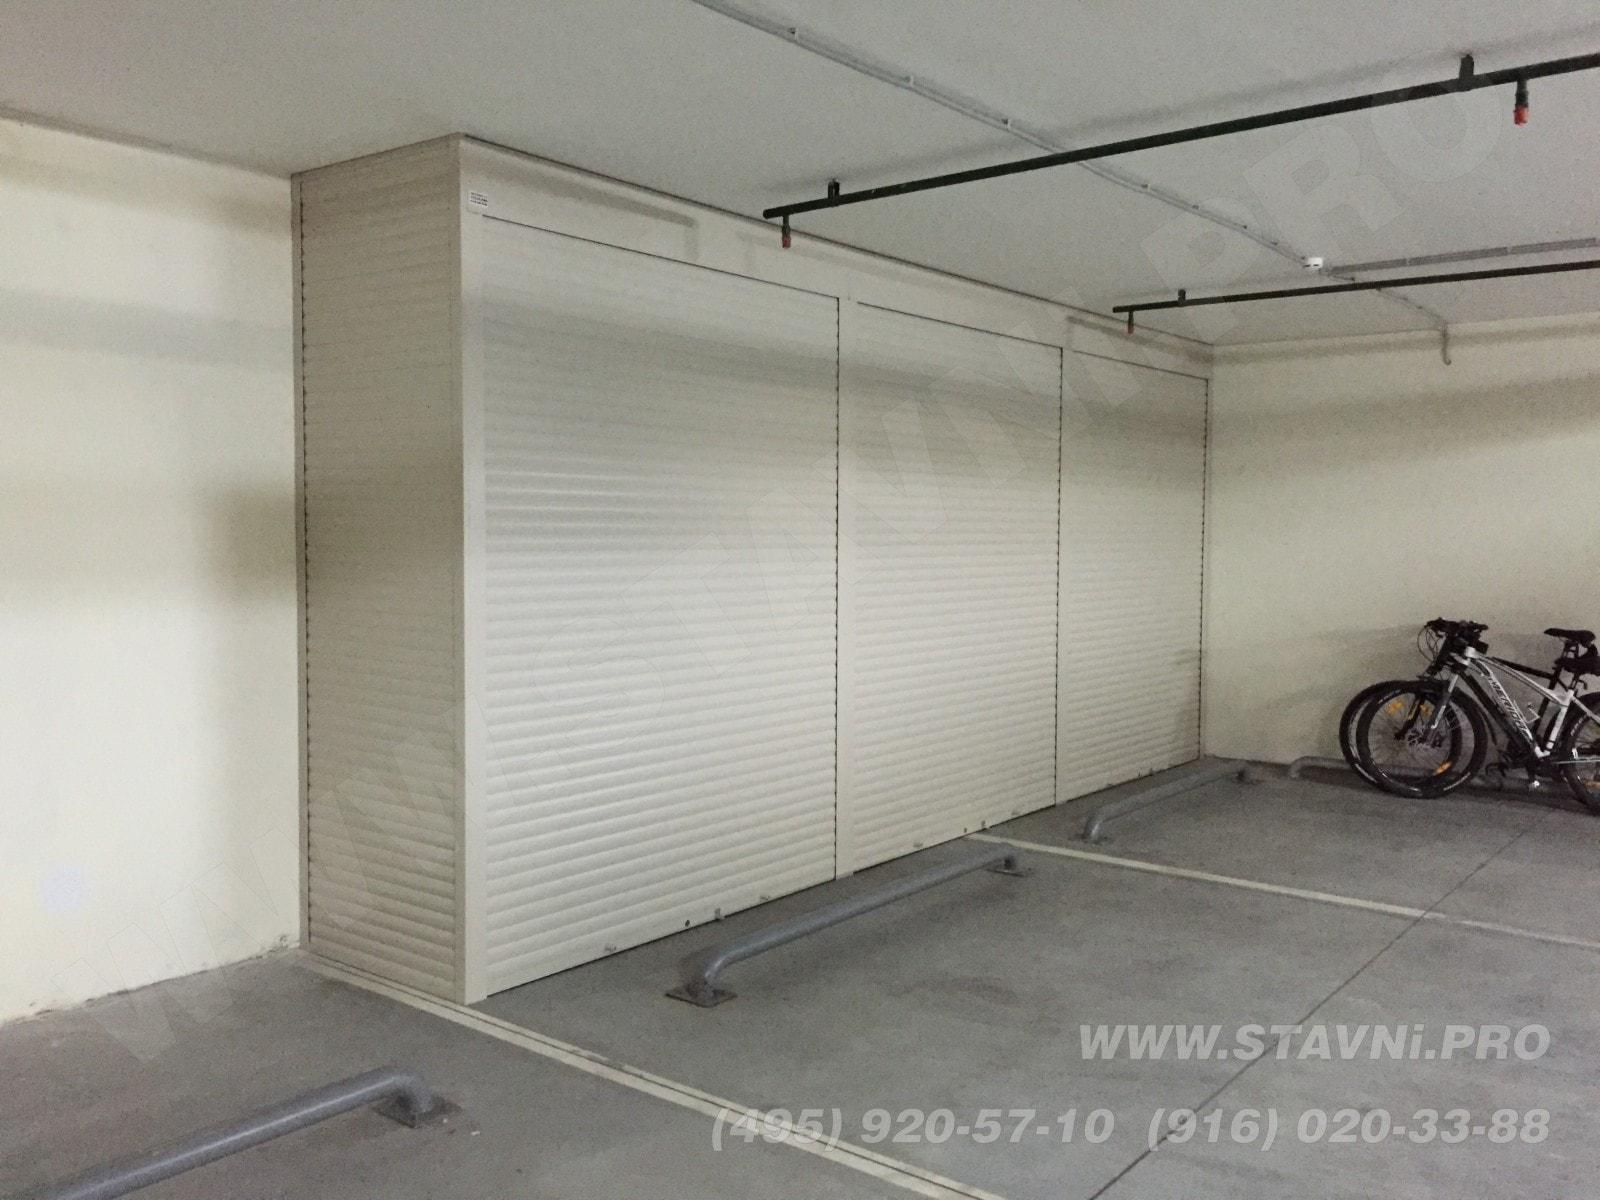 большой шкаф стеллаж в паркинге